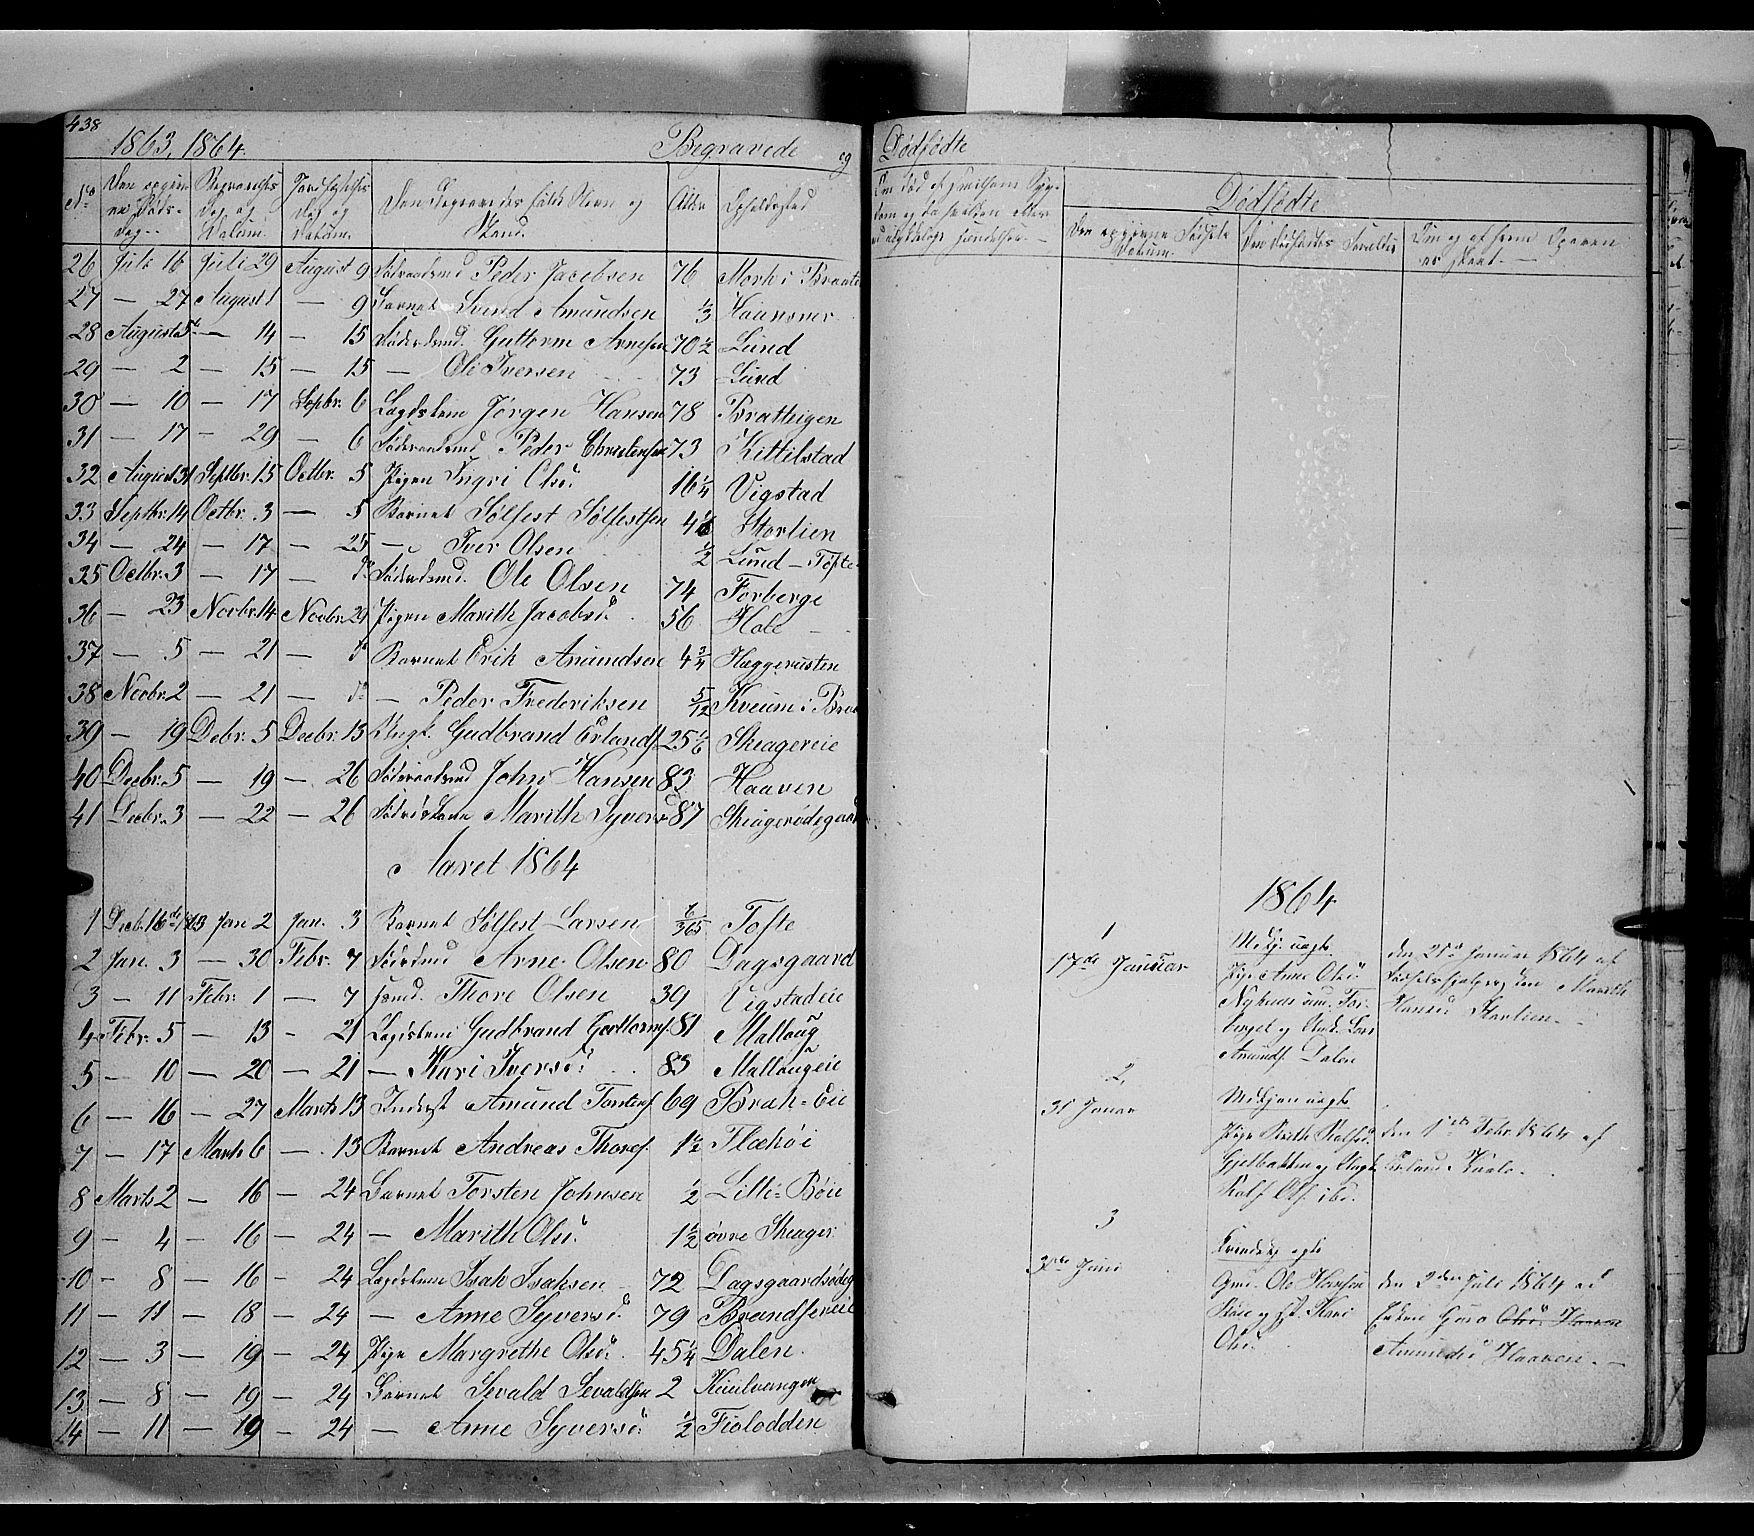 SAH, Lom prestekontor, L/L0004: Klokkerbok nr. 4, 1845-1864, s. 438-439